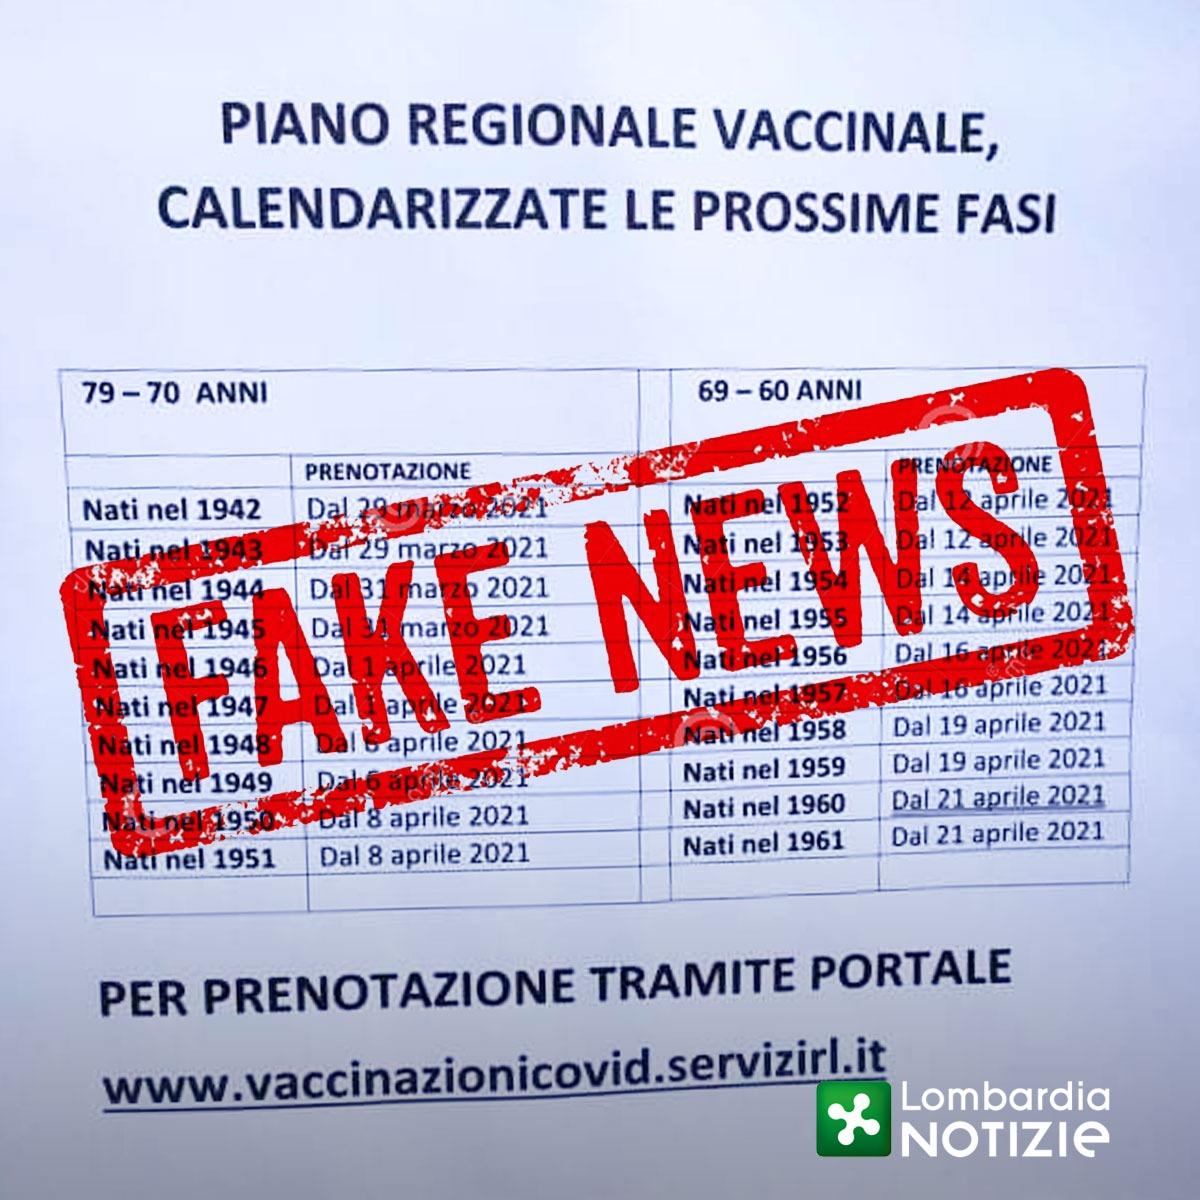 calendarizzazione-vaccini-lombardia-fake-news